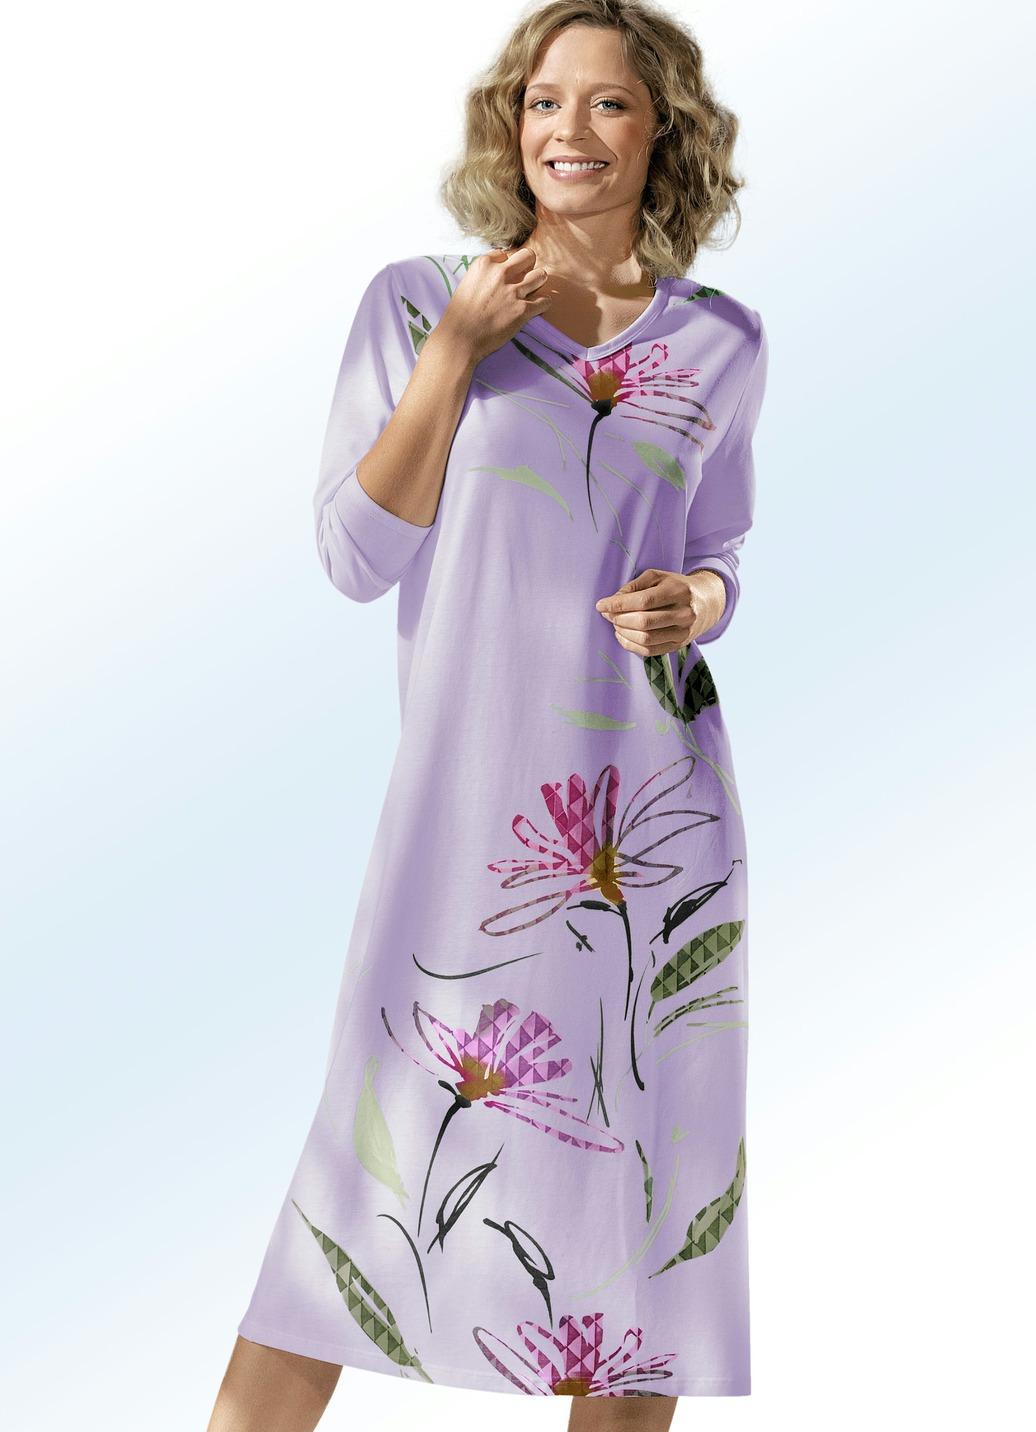 Nachthemden in Lila für Frauen. Damenmode in Lila bei fashn.de